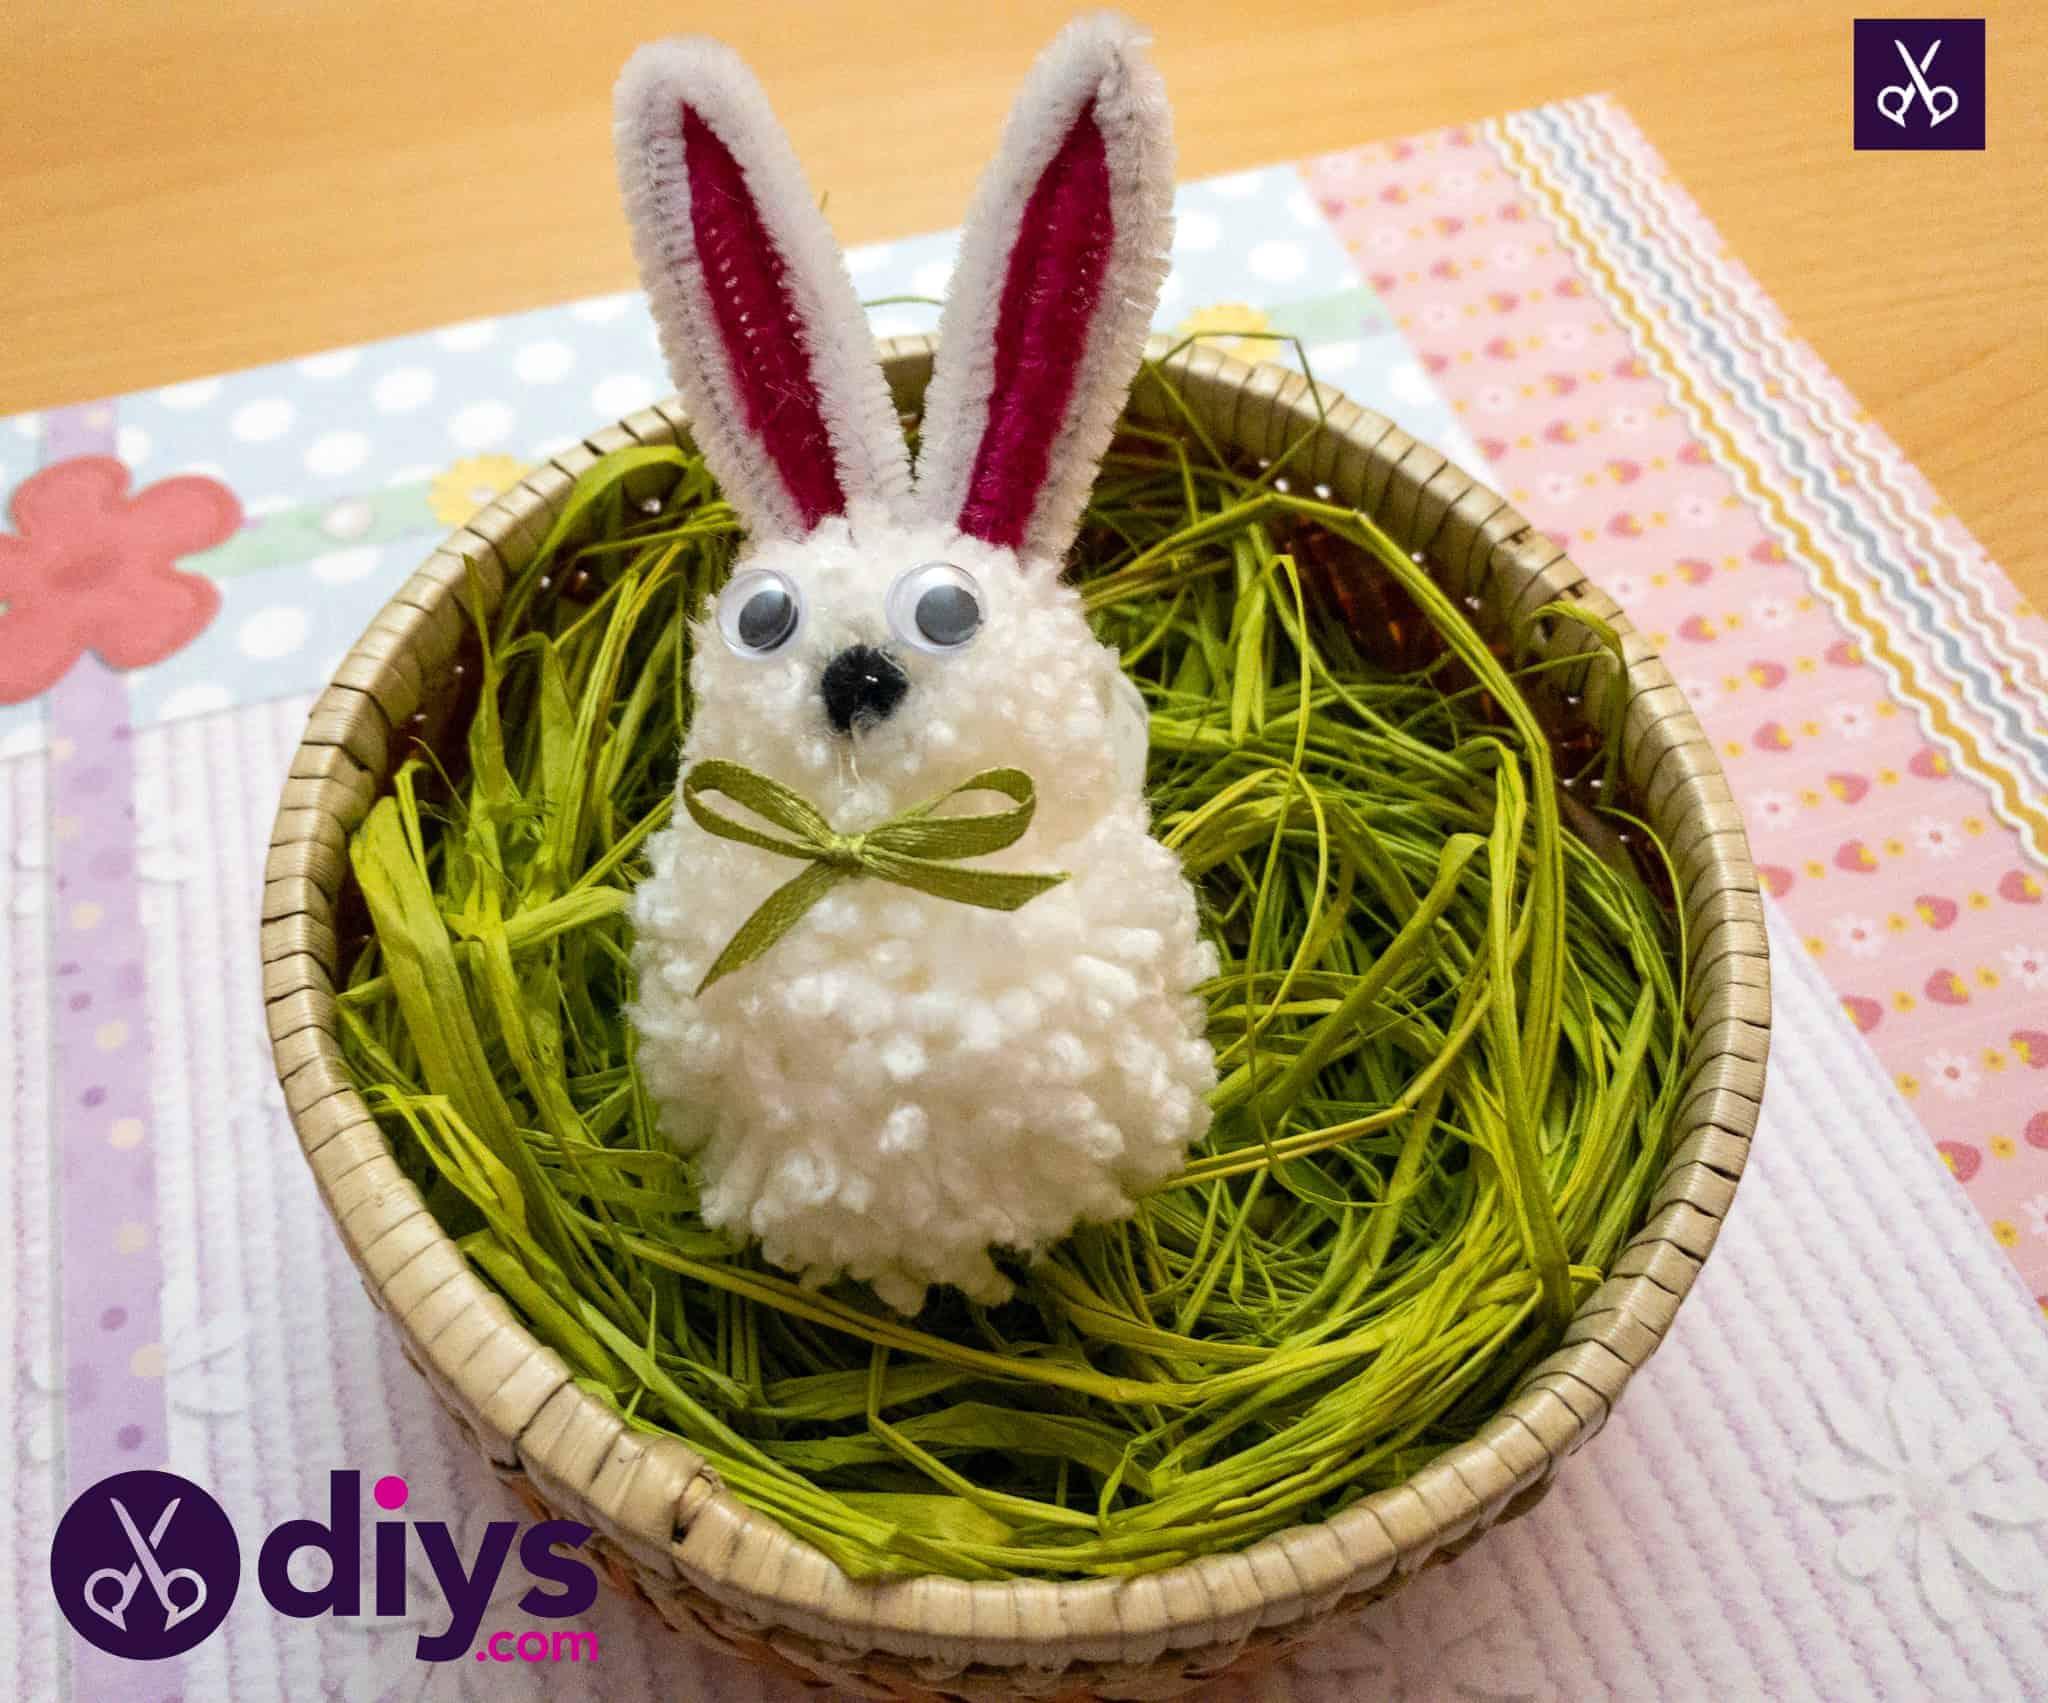 How to make a pom pom rabbit